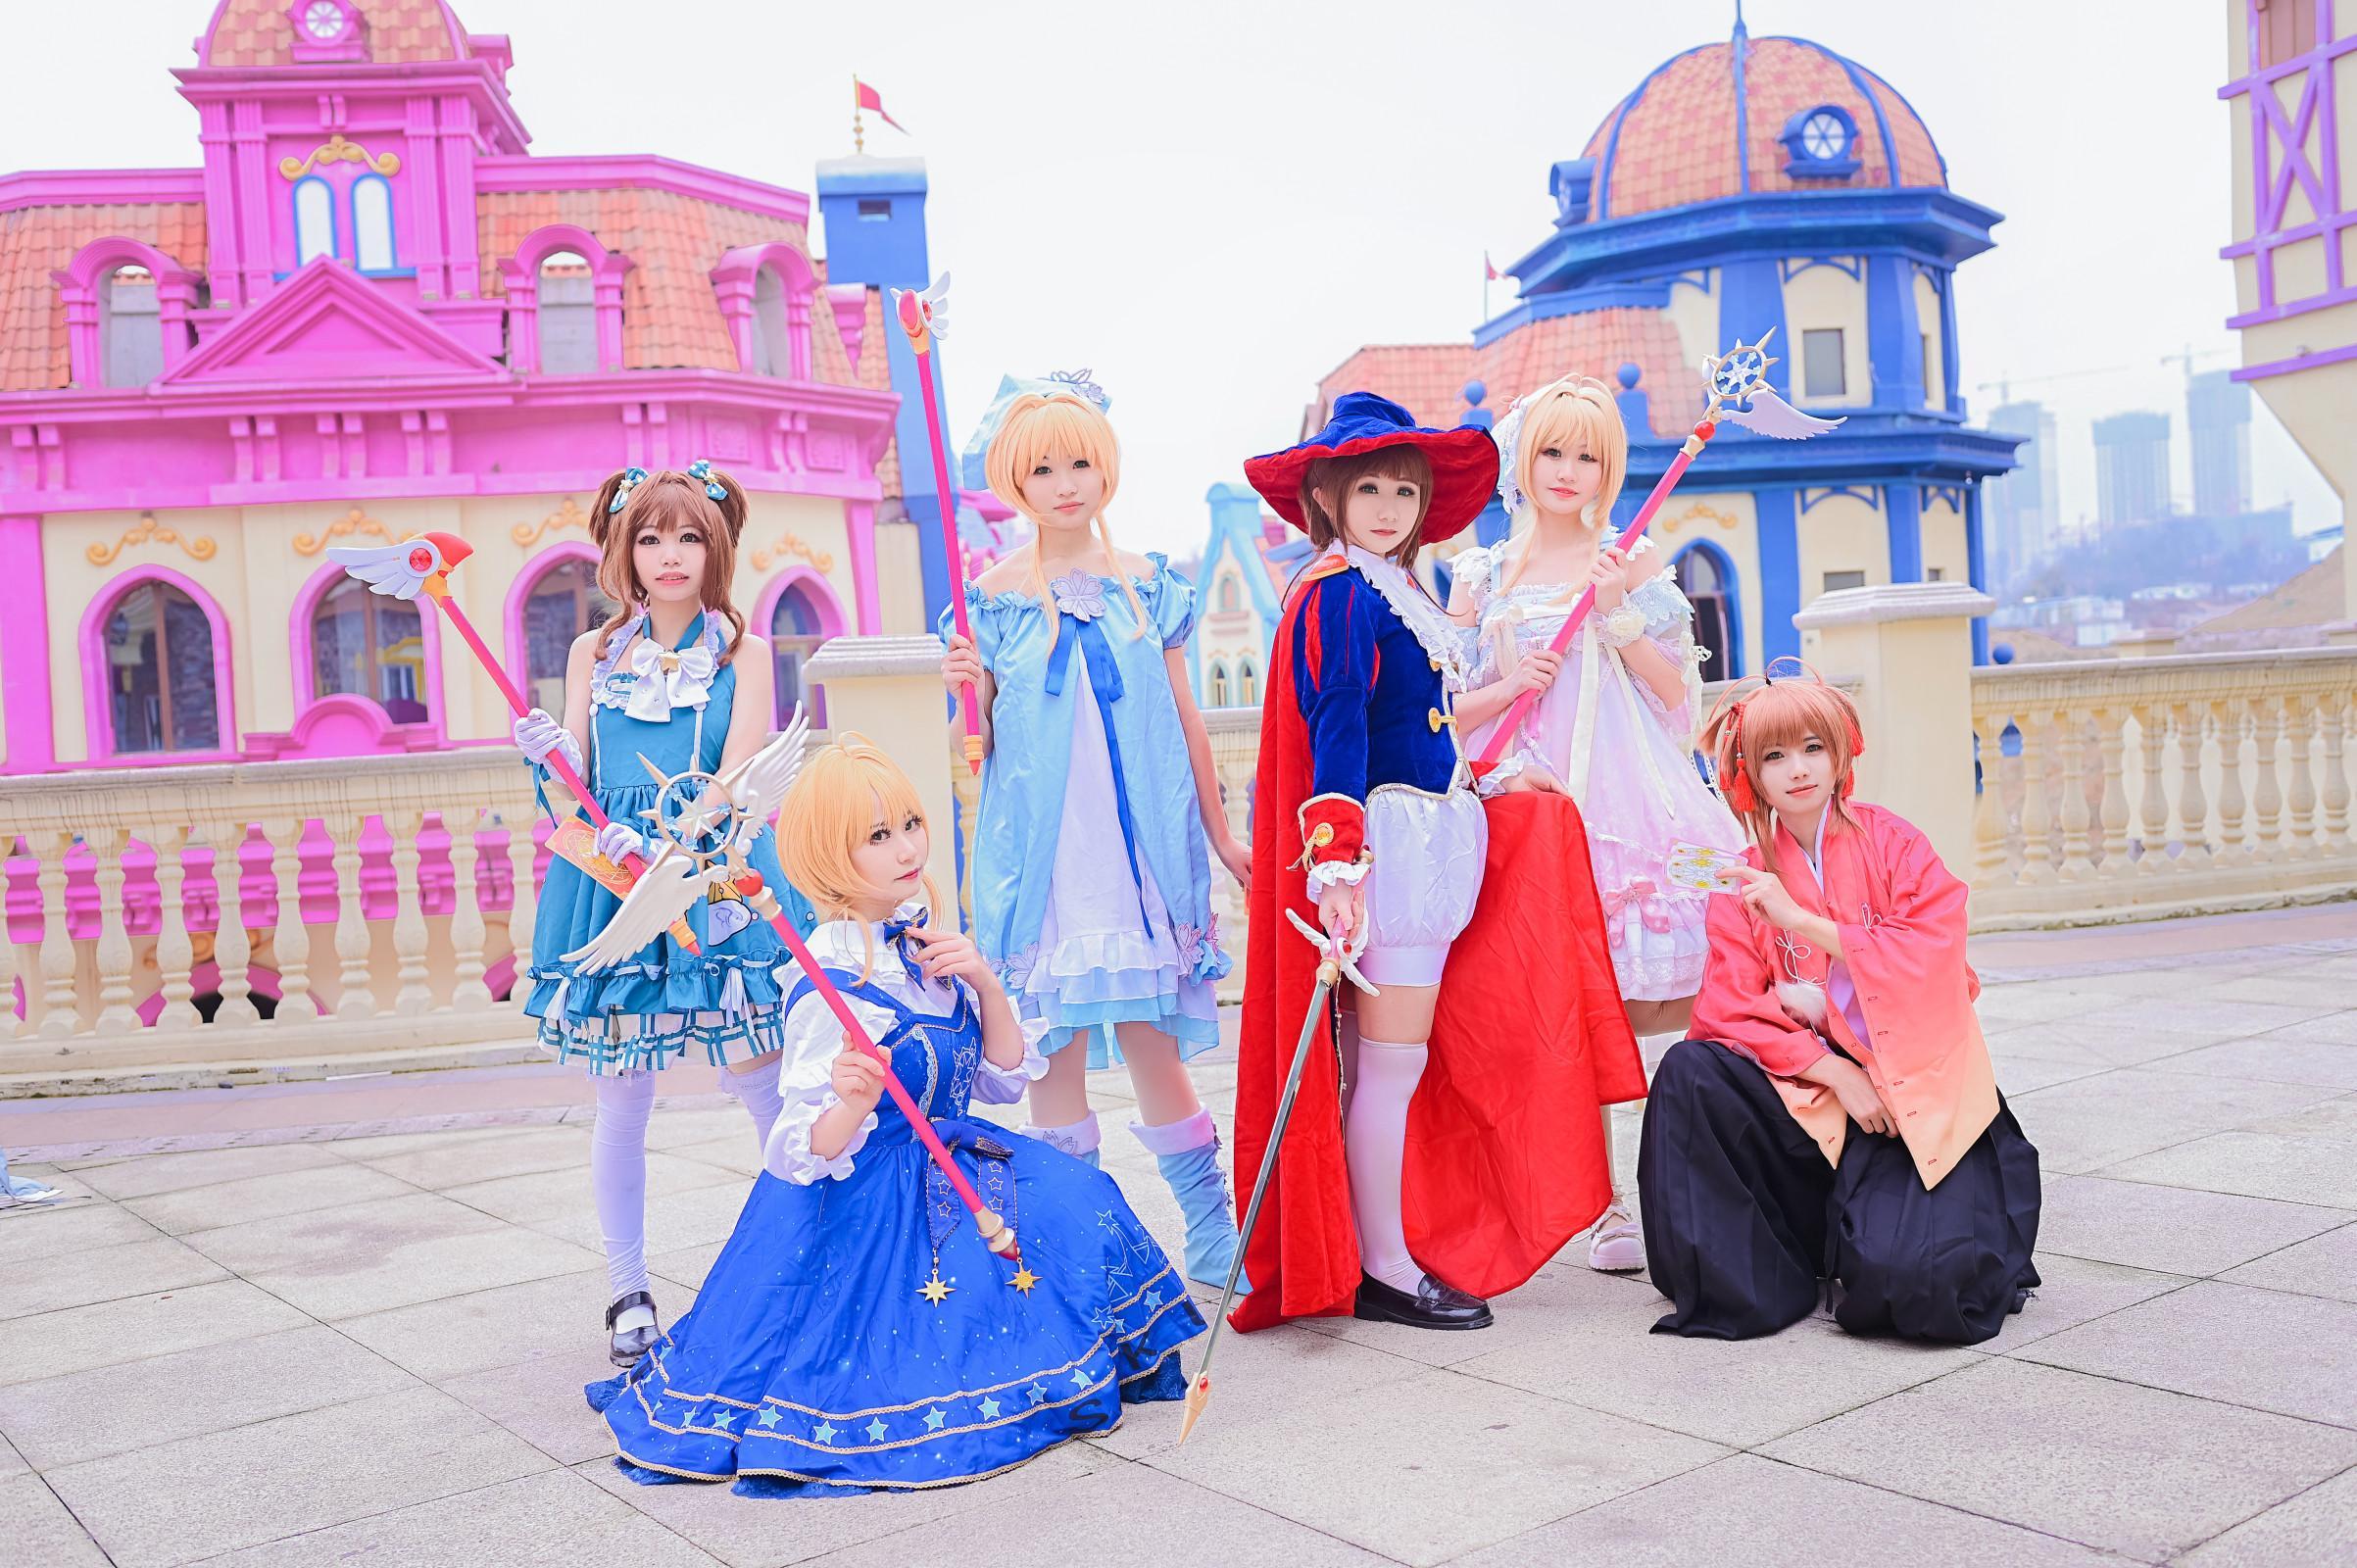 《魔卡少女樱》百变小樱cosplay【CN:陈梓今天暴富了吗】-第6张